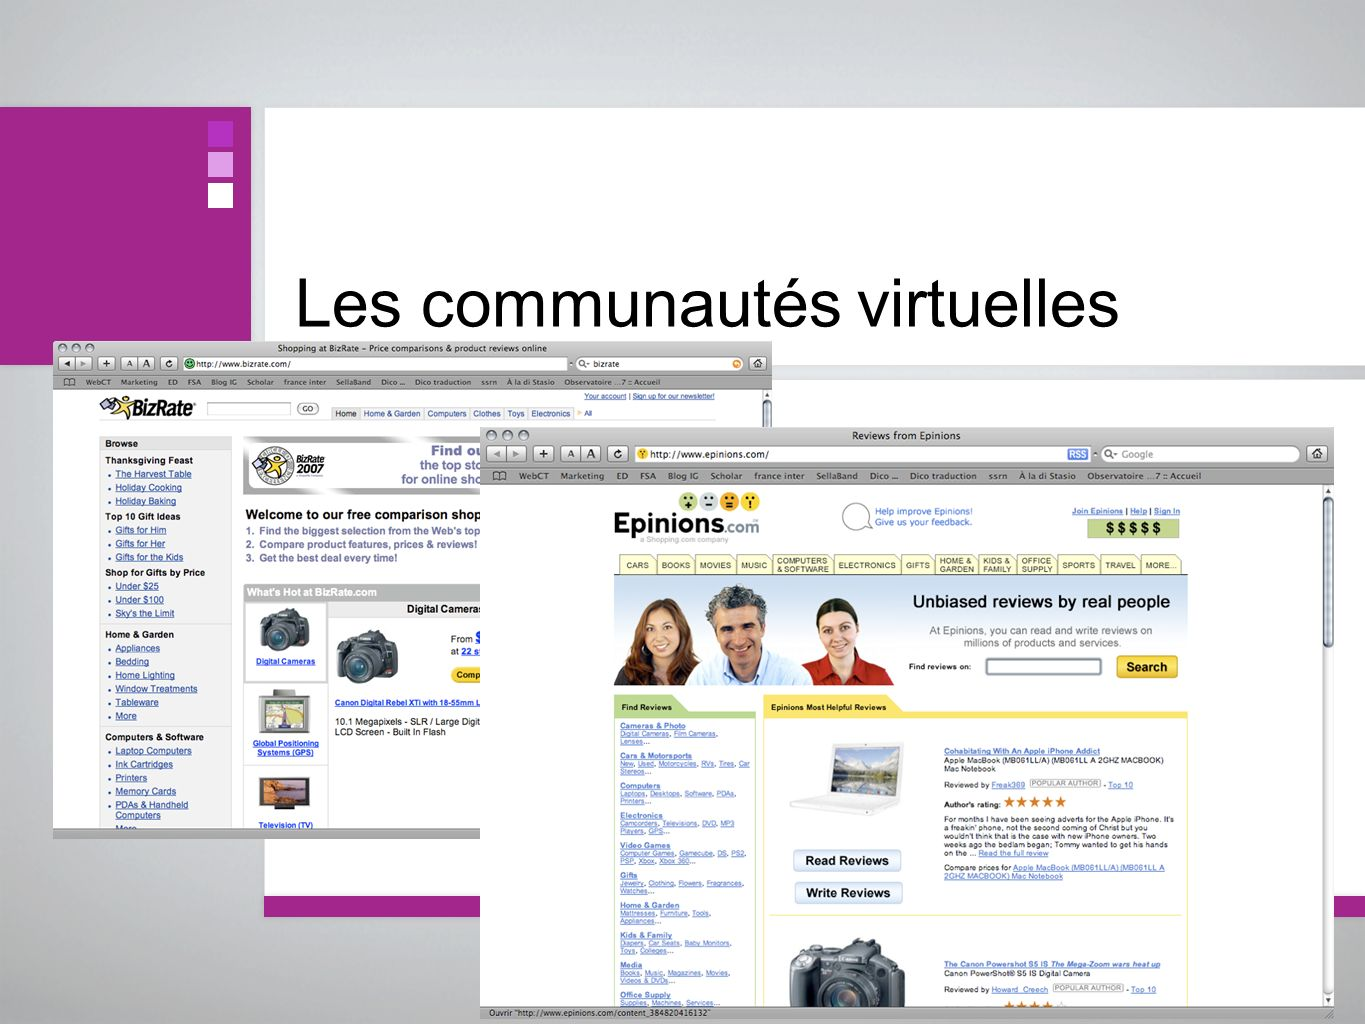 Les communautés virtuelles